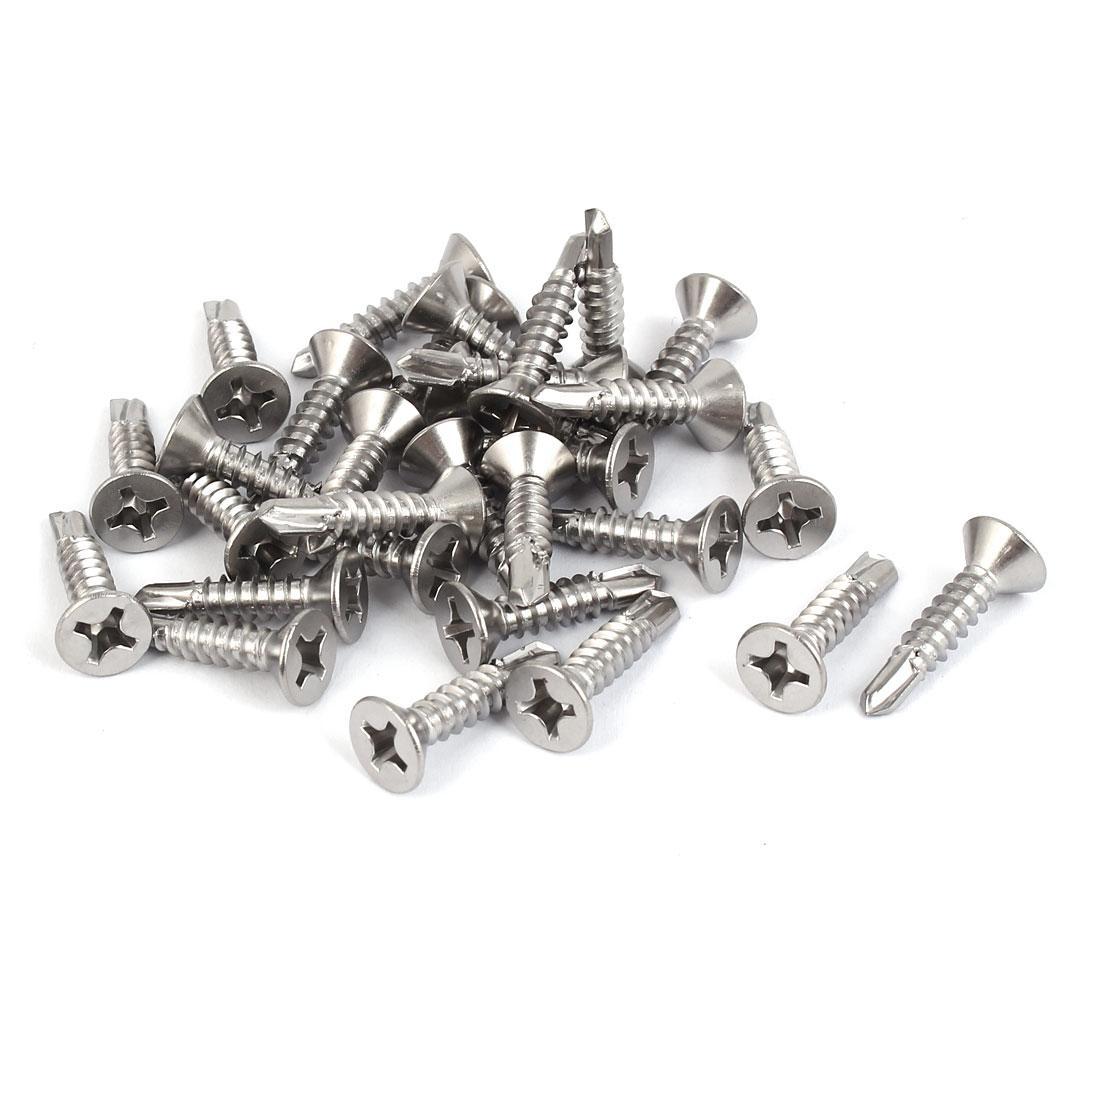 M5.5 x 25mm #12 Male Thread Self Drilling Countersunk Head Screws Bolts 30 Pcs